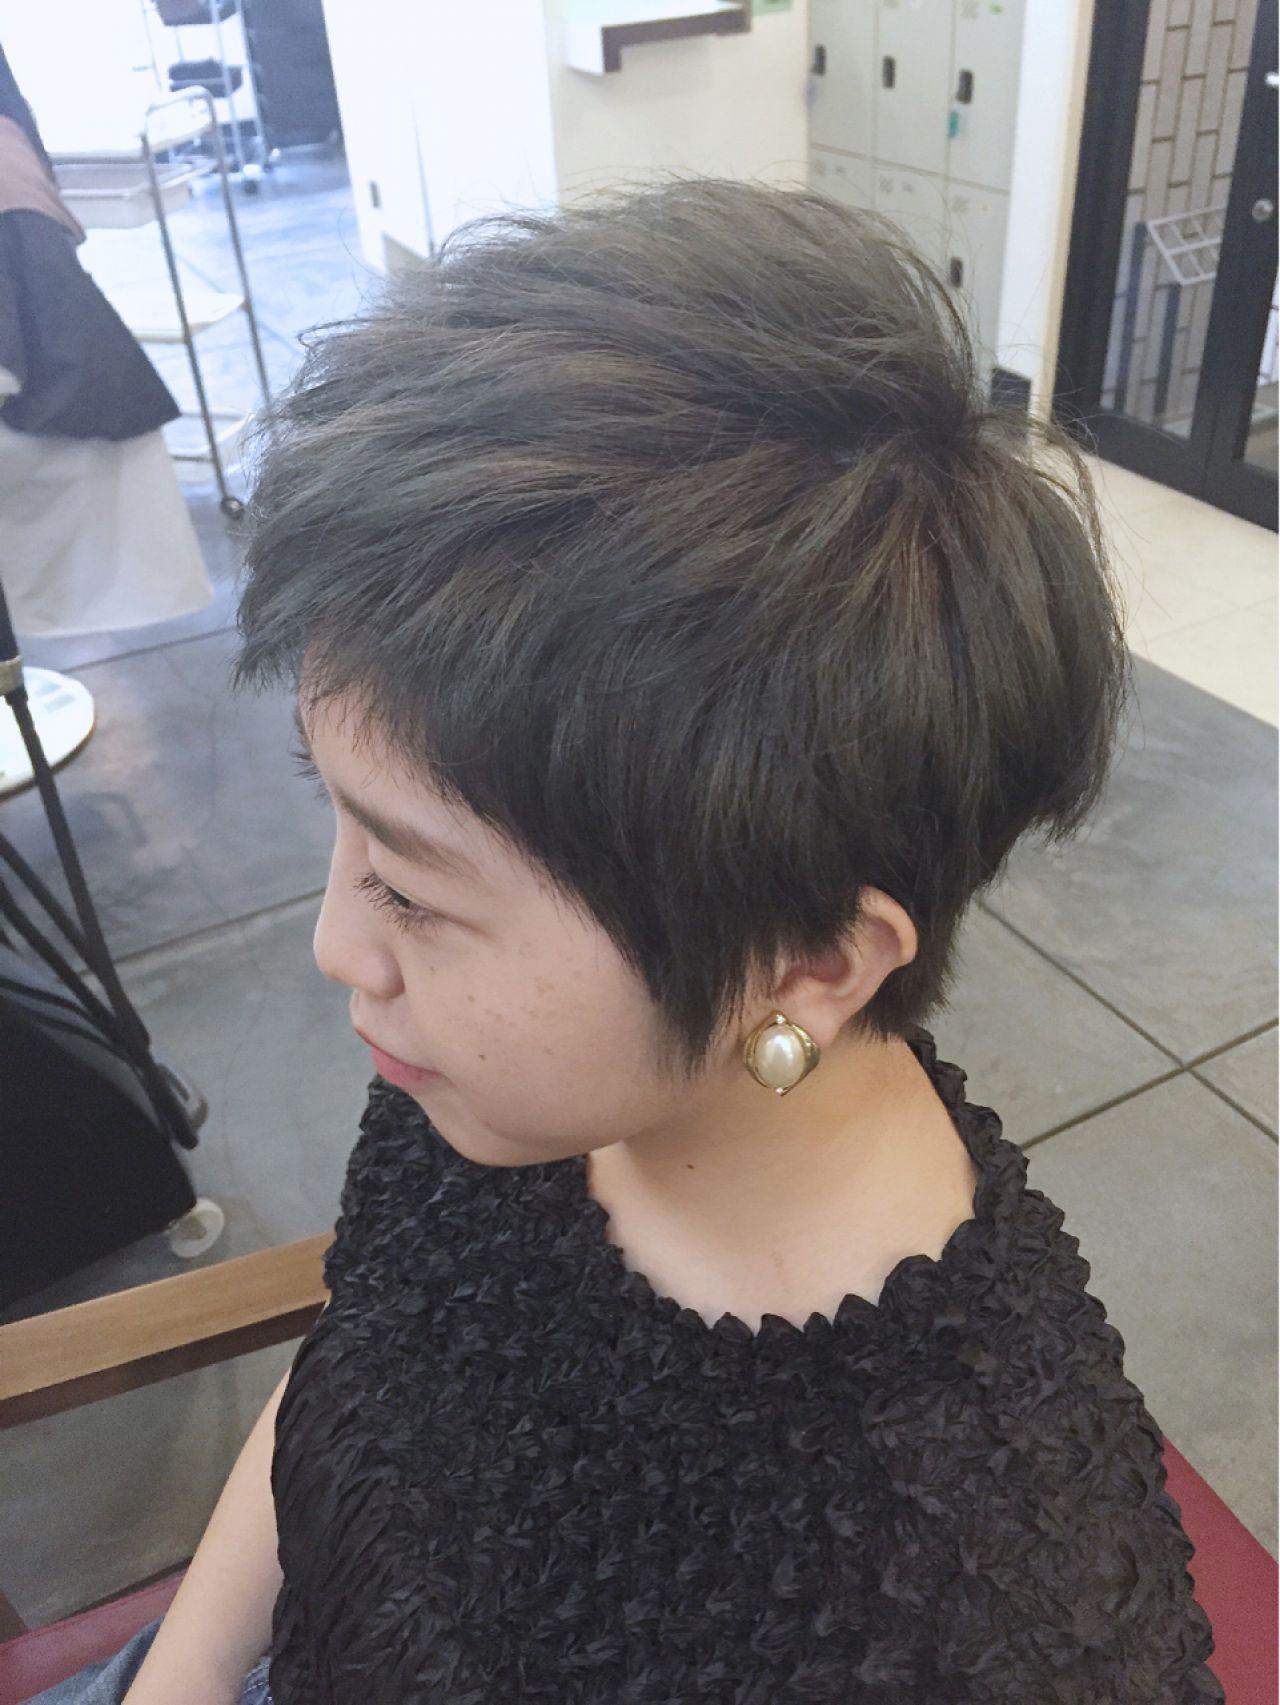 グレージュ ショート ダークアッシュ ストリート ヘアスタイルや髪型の写真・画像